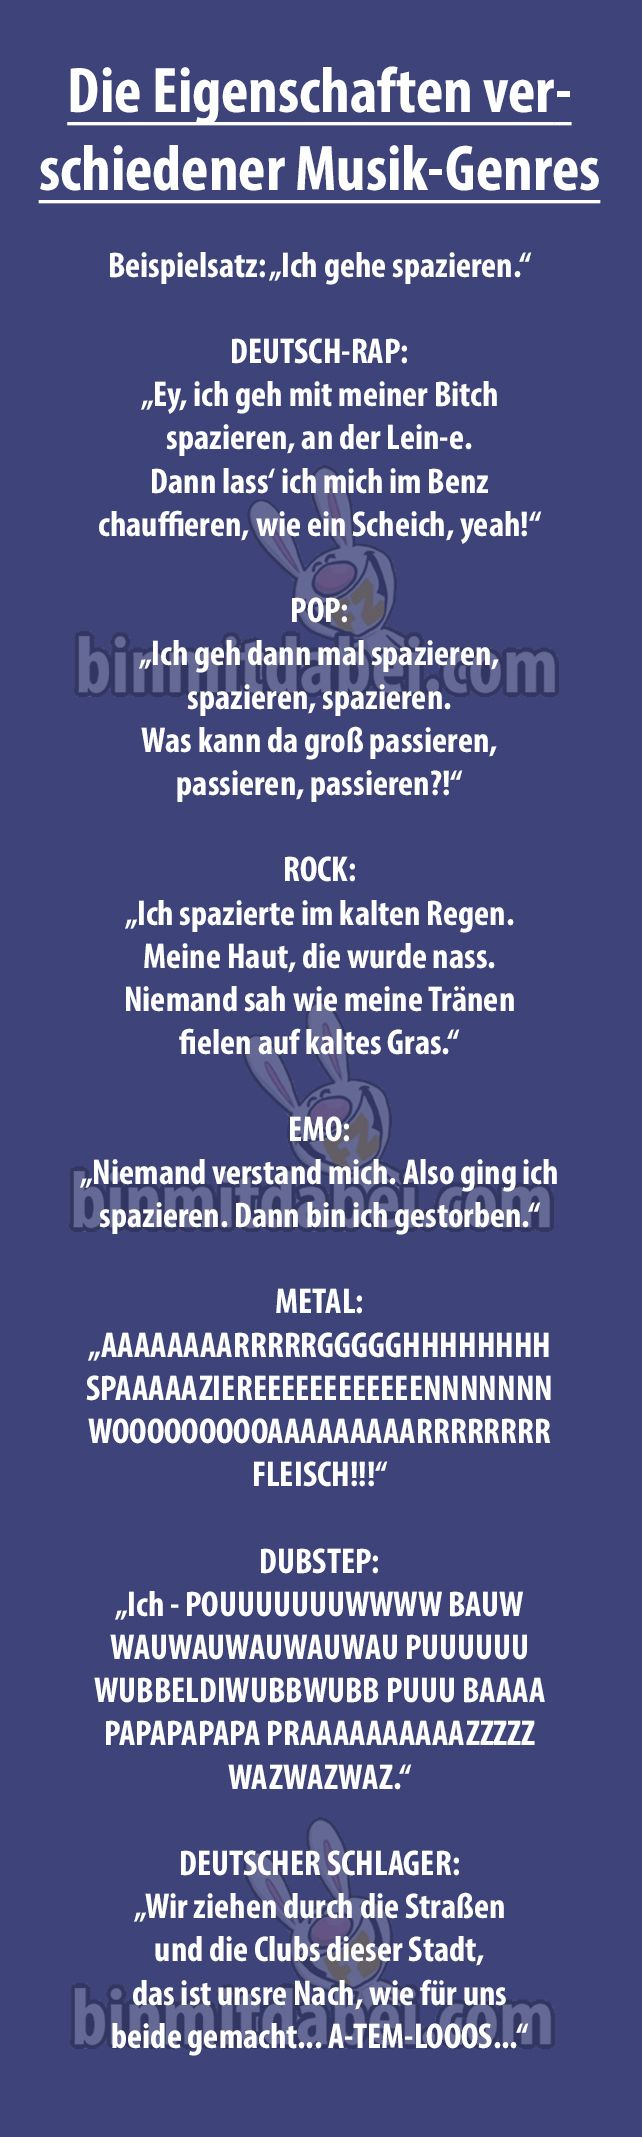 Home | BinMitDabei #Sprüche #Musik #Zitate repinnet by www.powervoice.de